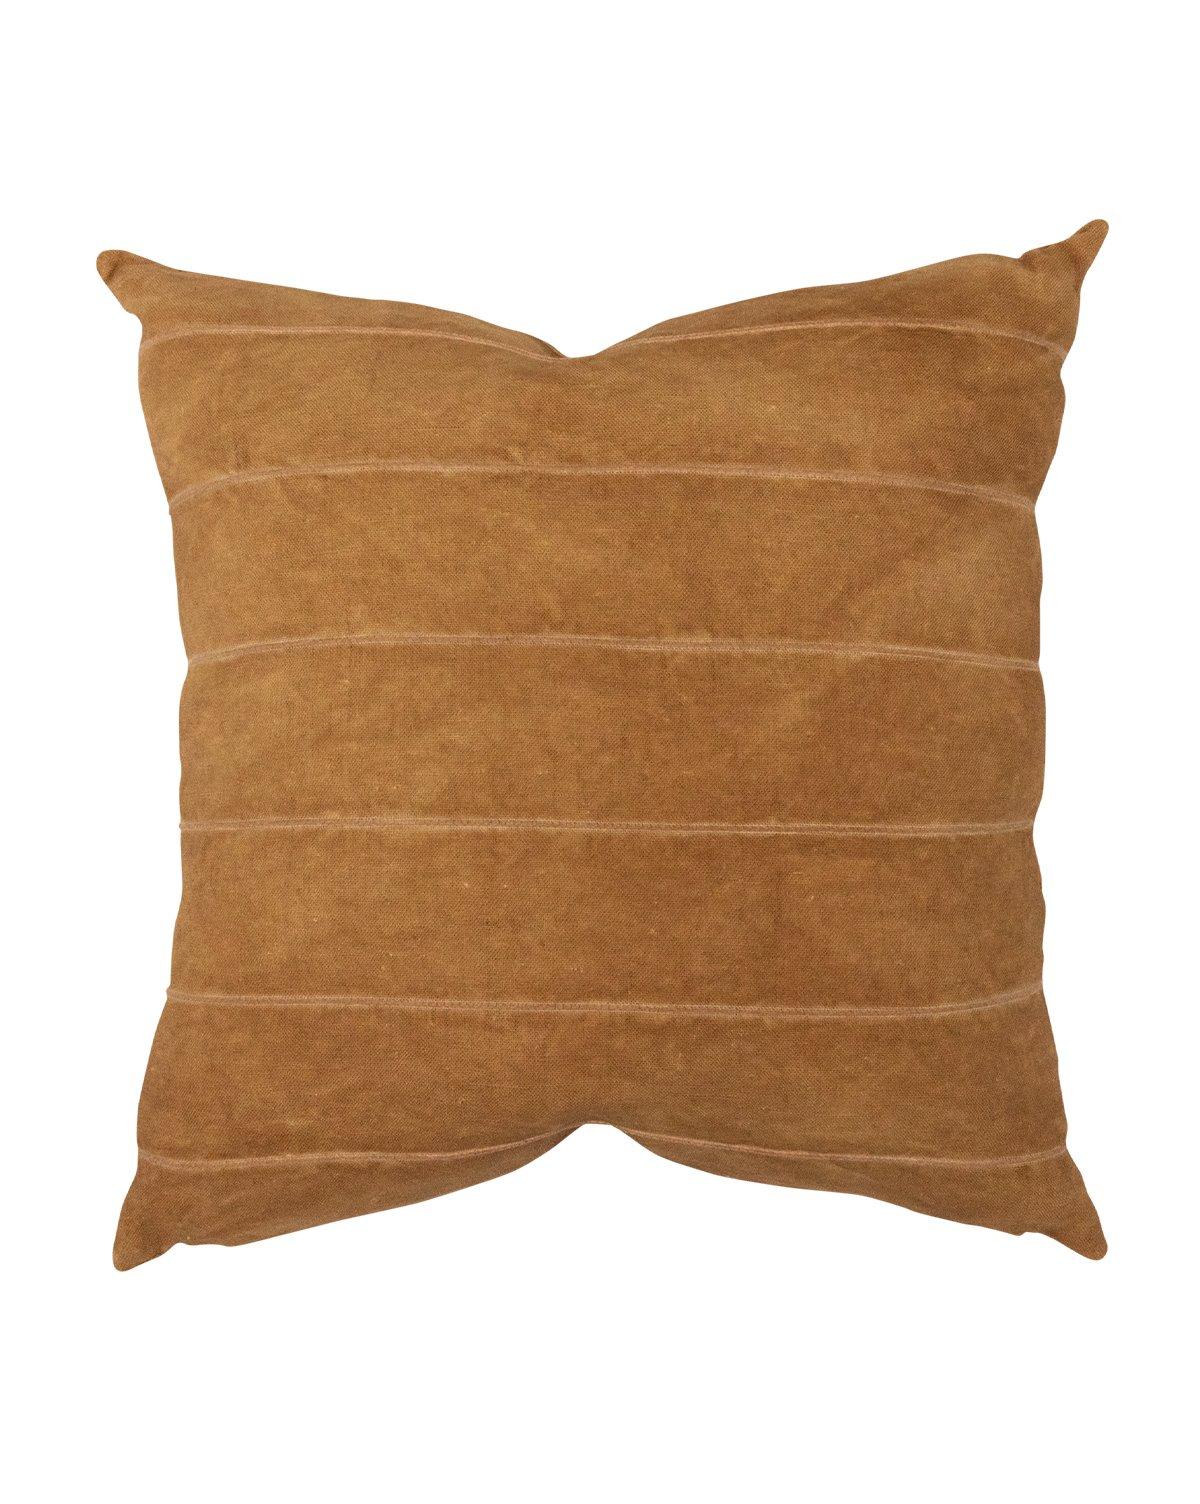 Abner_Pillow_Tobacco1_542b525b-4e9c-4403-8b9d-53425fce1c67.jpg